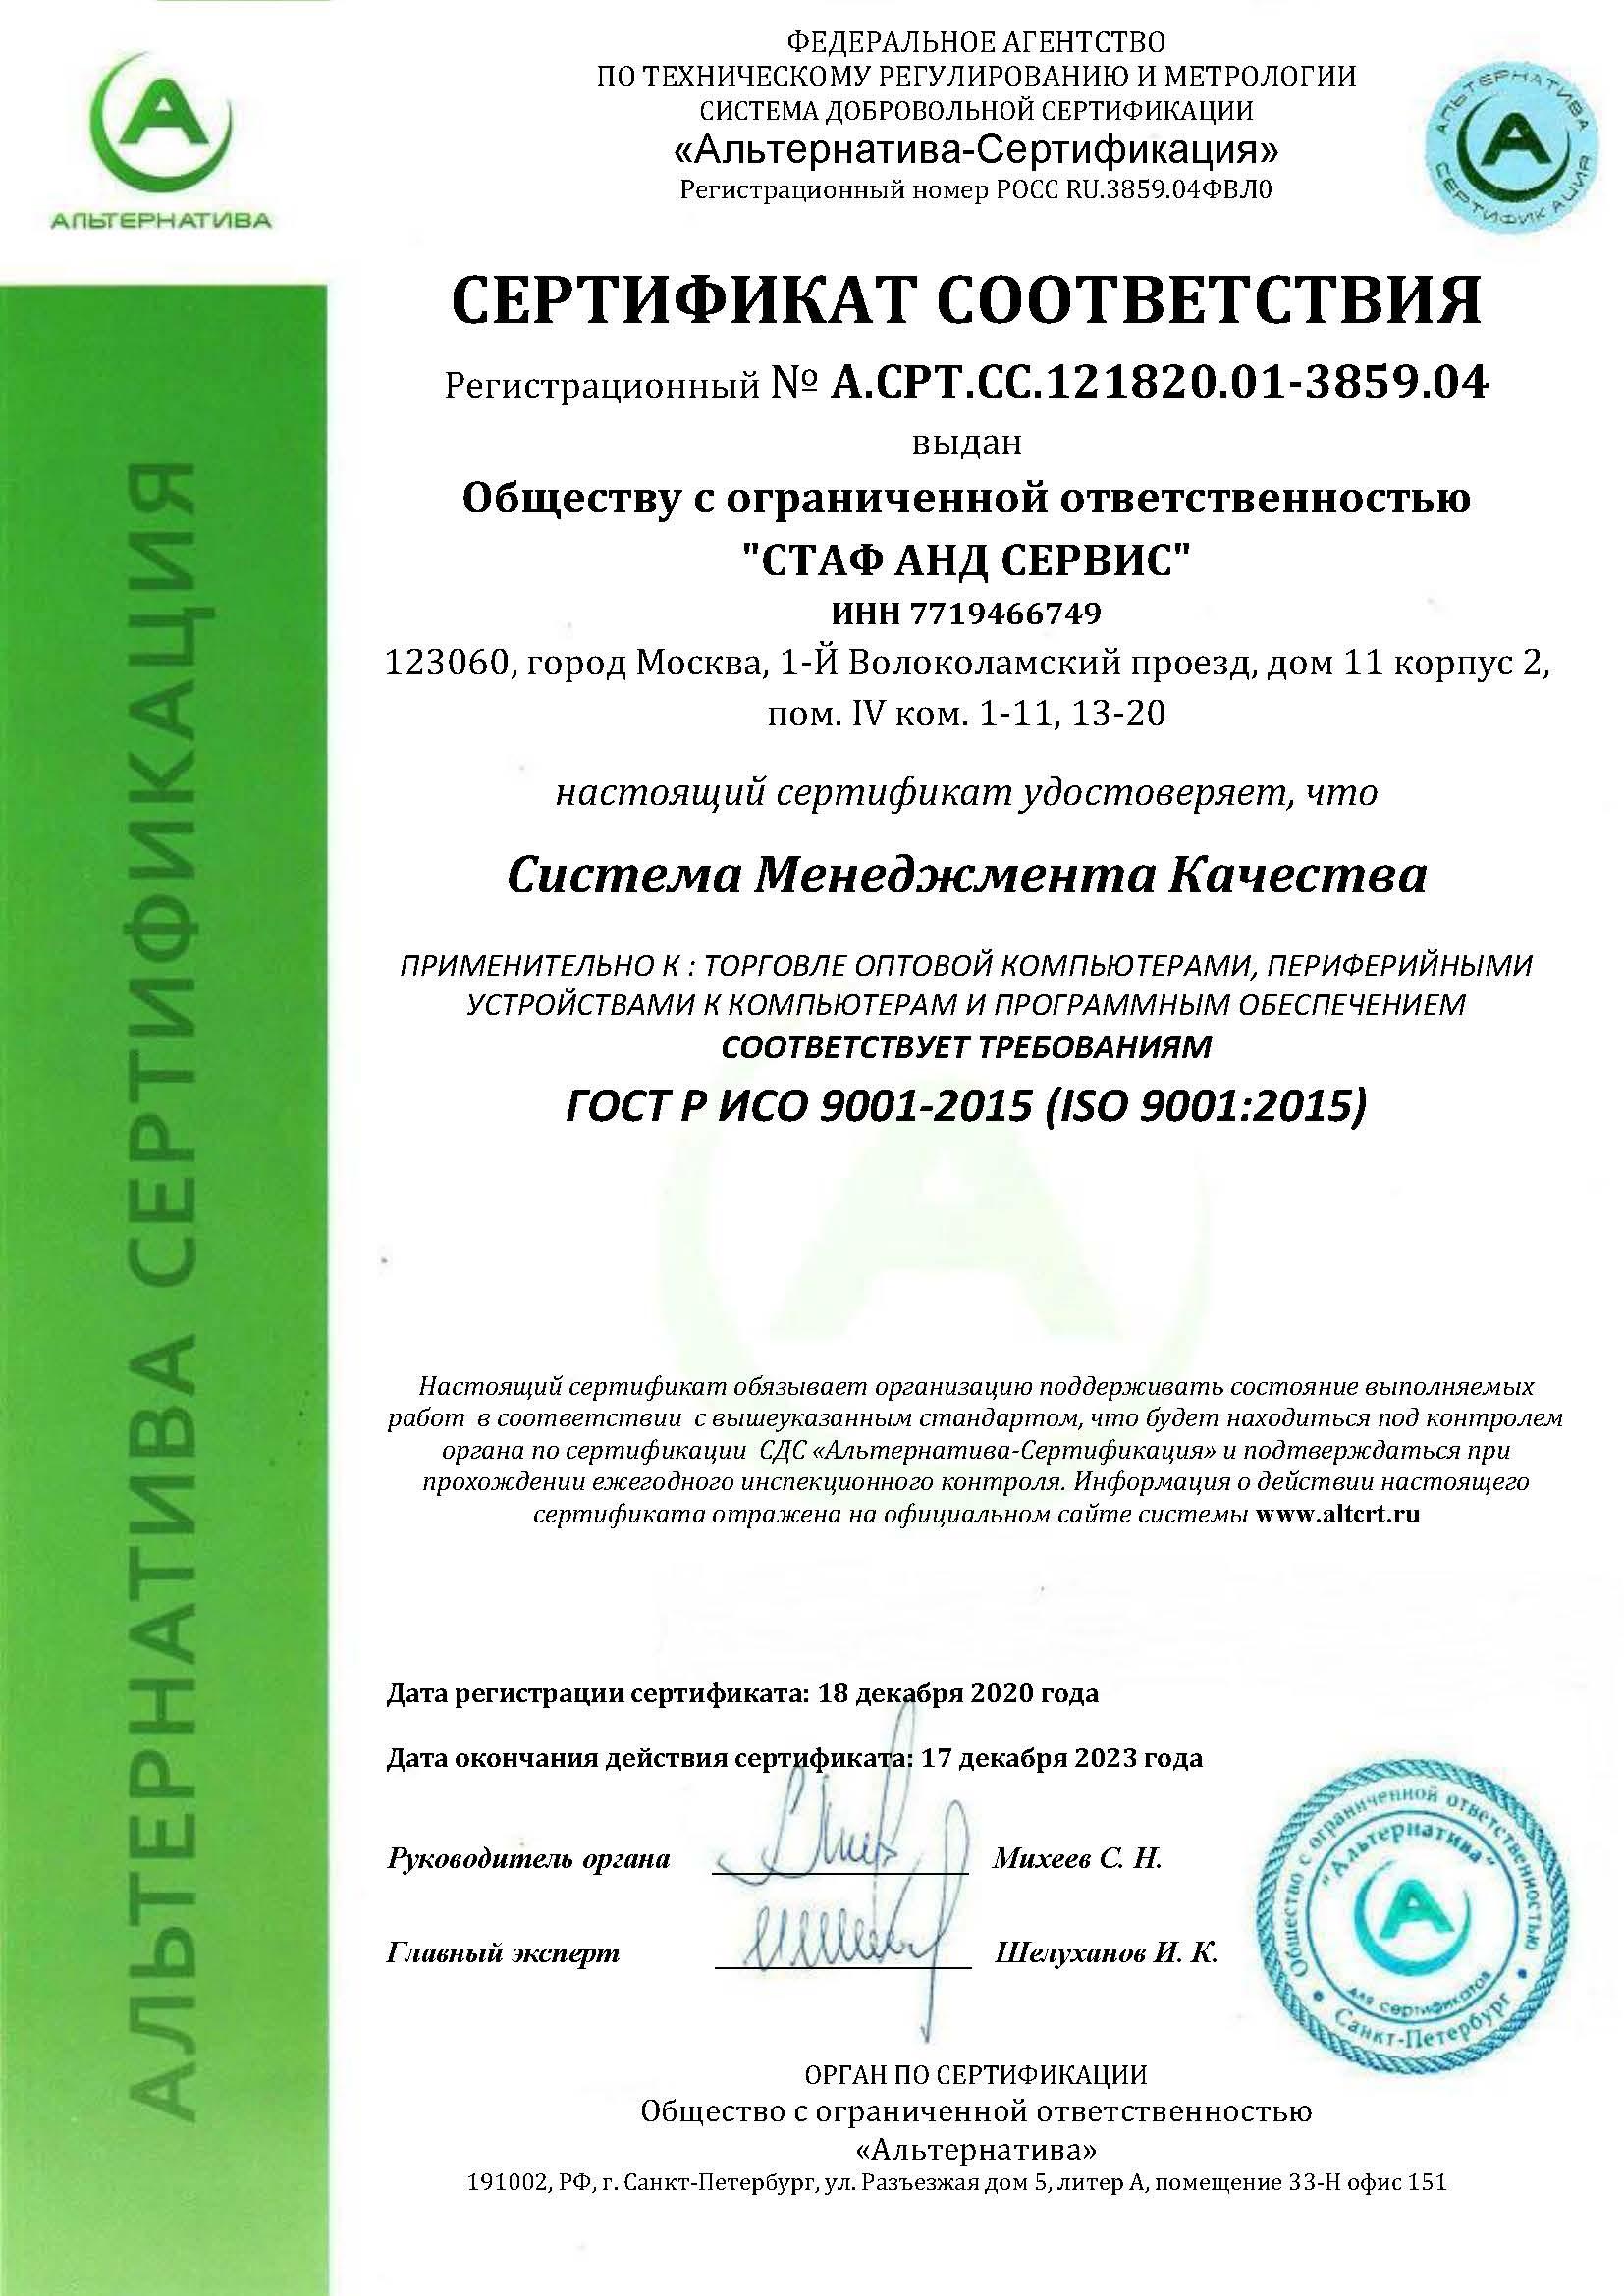 Сертификат соответствия ISO 9001-2015